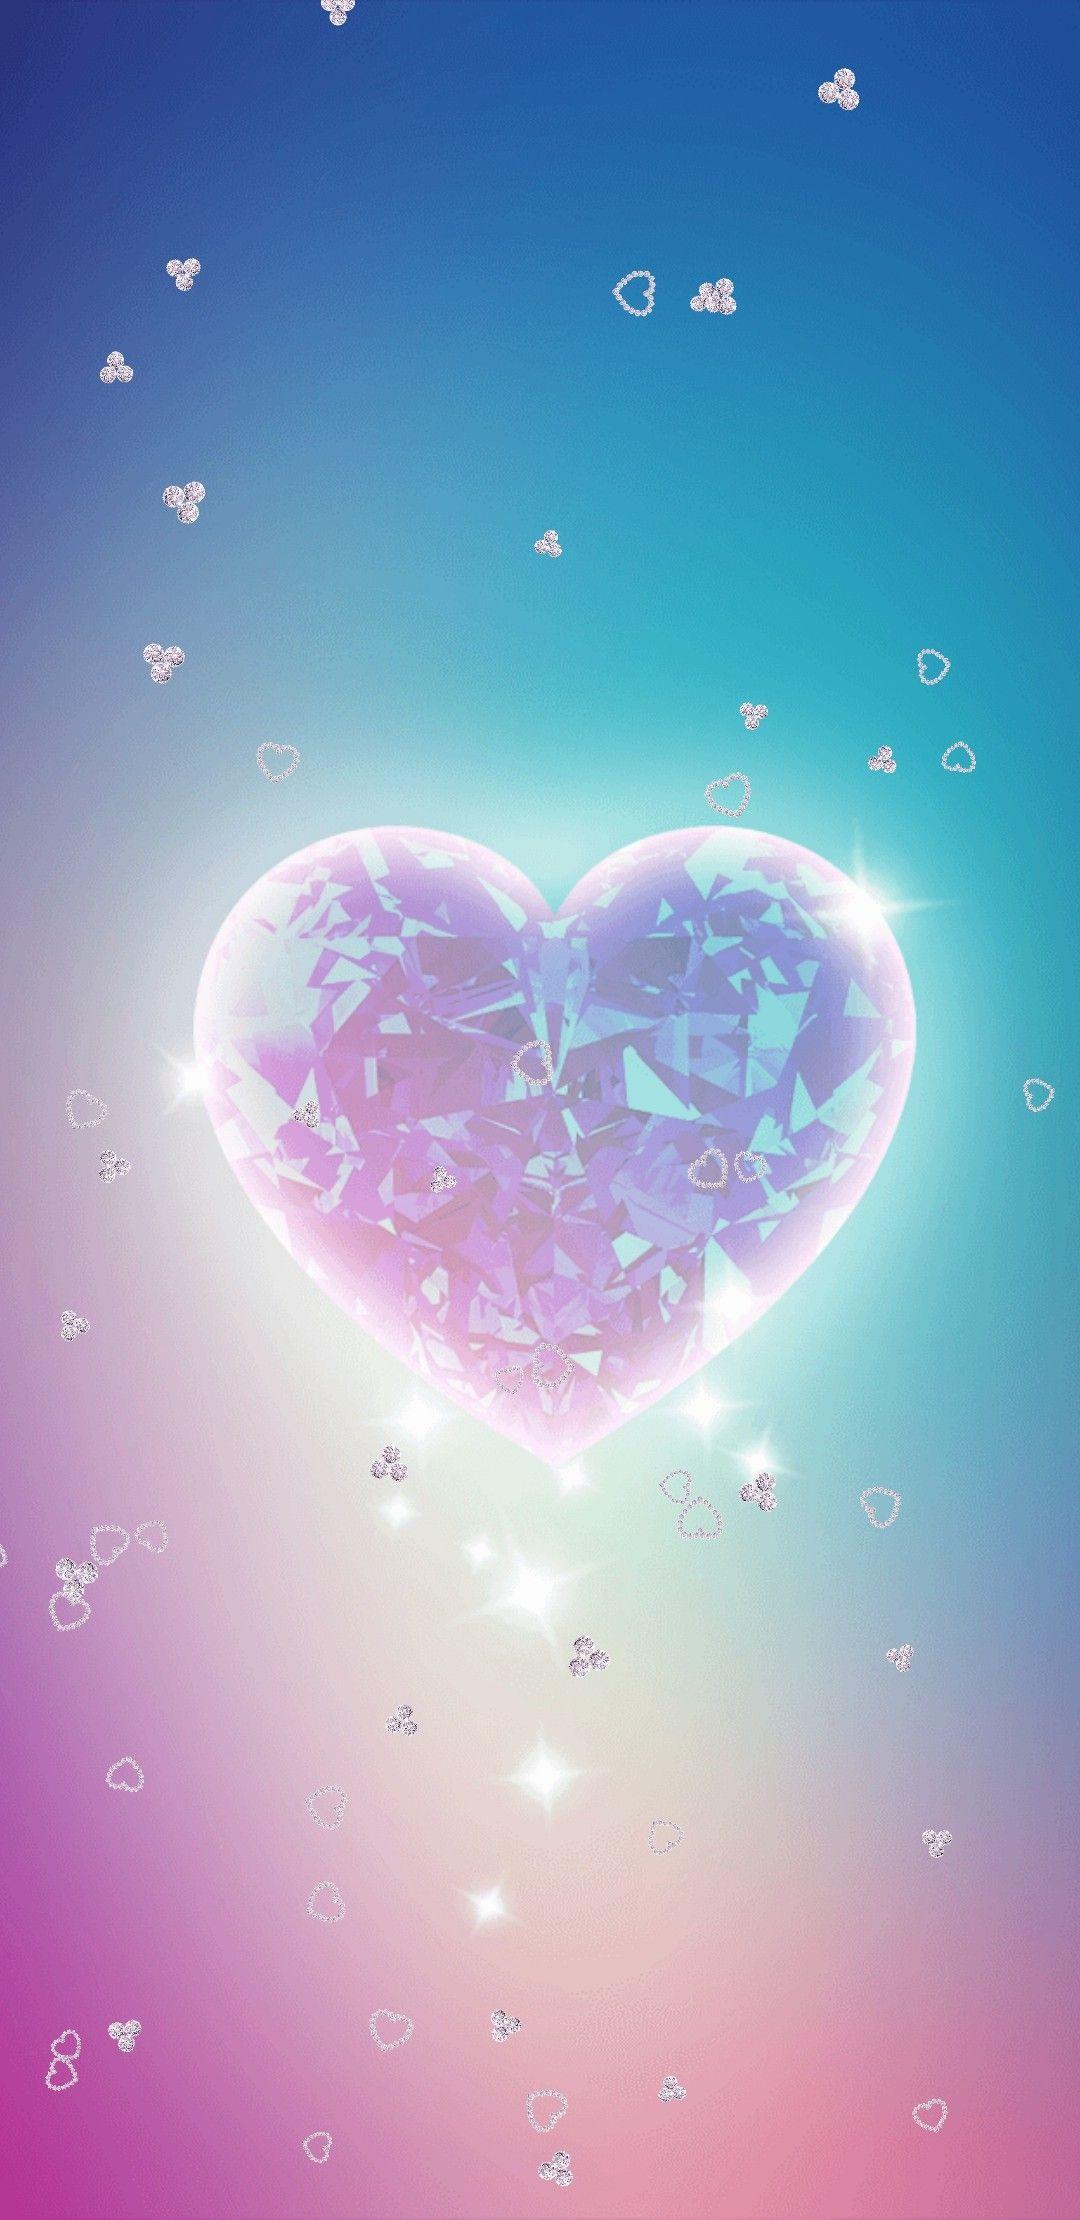 Kalpli Duvar Kagidi Heart Iphone Wallpaper Heart Wallpaper Beautiful Wallpapers